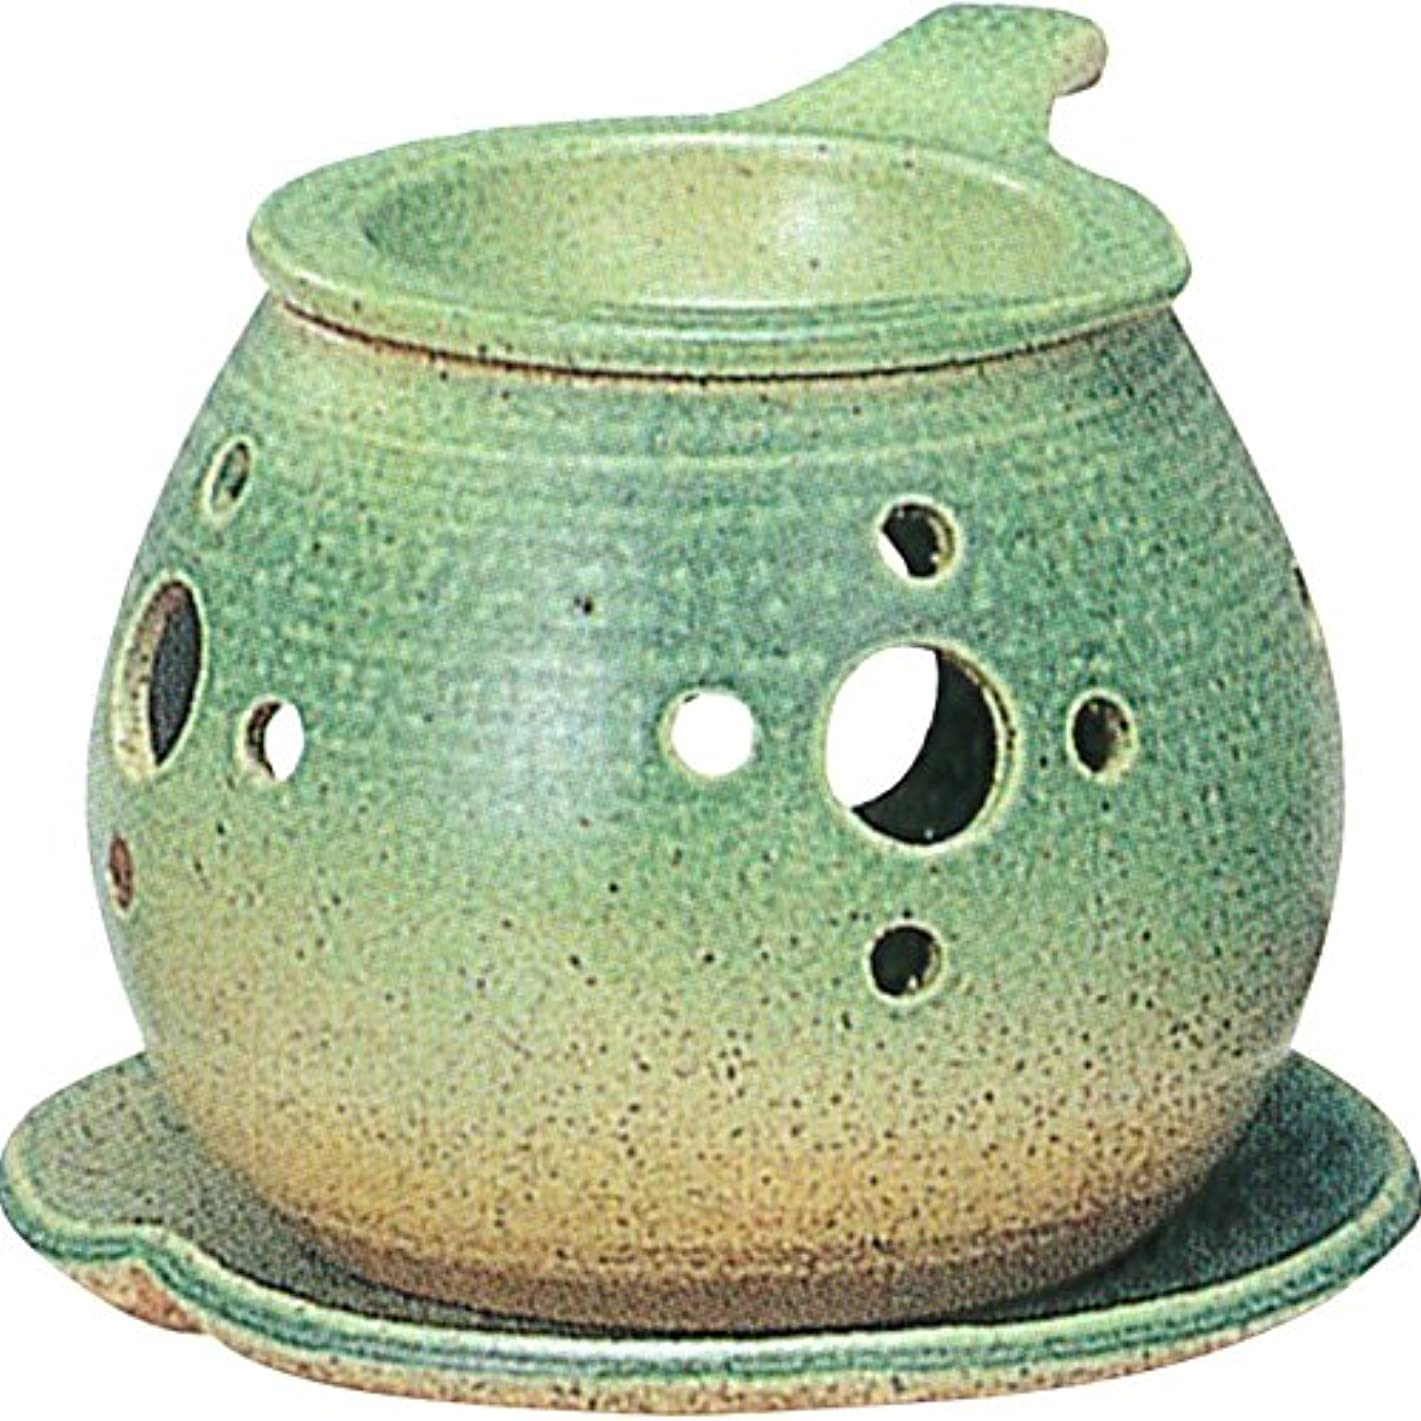 上げるテラスエトナ山茶香炉 : 常滑焼 間宮 茶香炉? ル35-02